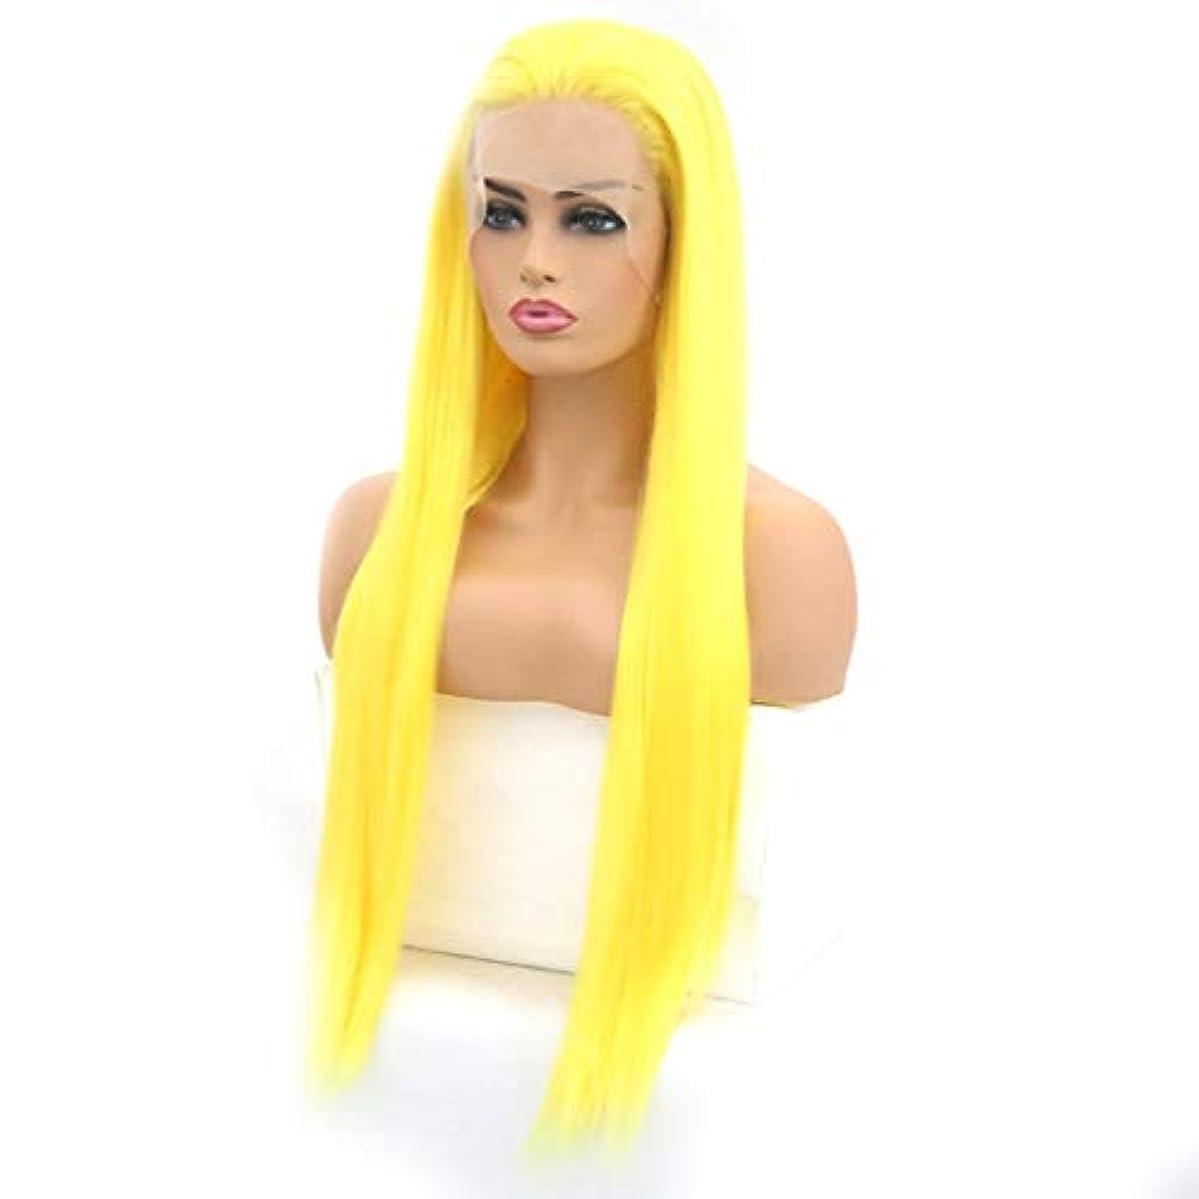 神の賞賛する工業化するKerwinner 女性のためのレースフロントかつらサイド部分ロングナチュラルストレート耐熱人工毛ウィッグ (Size : 18inch)